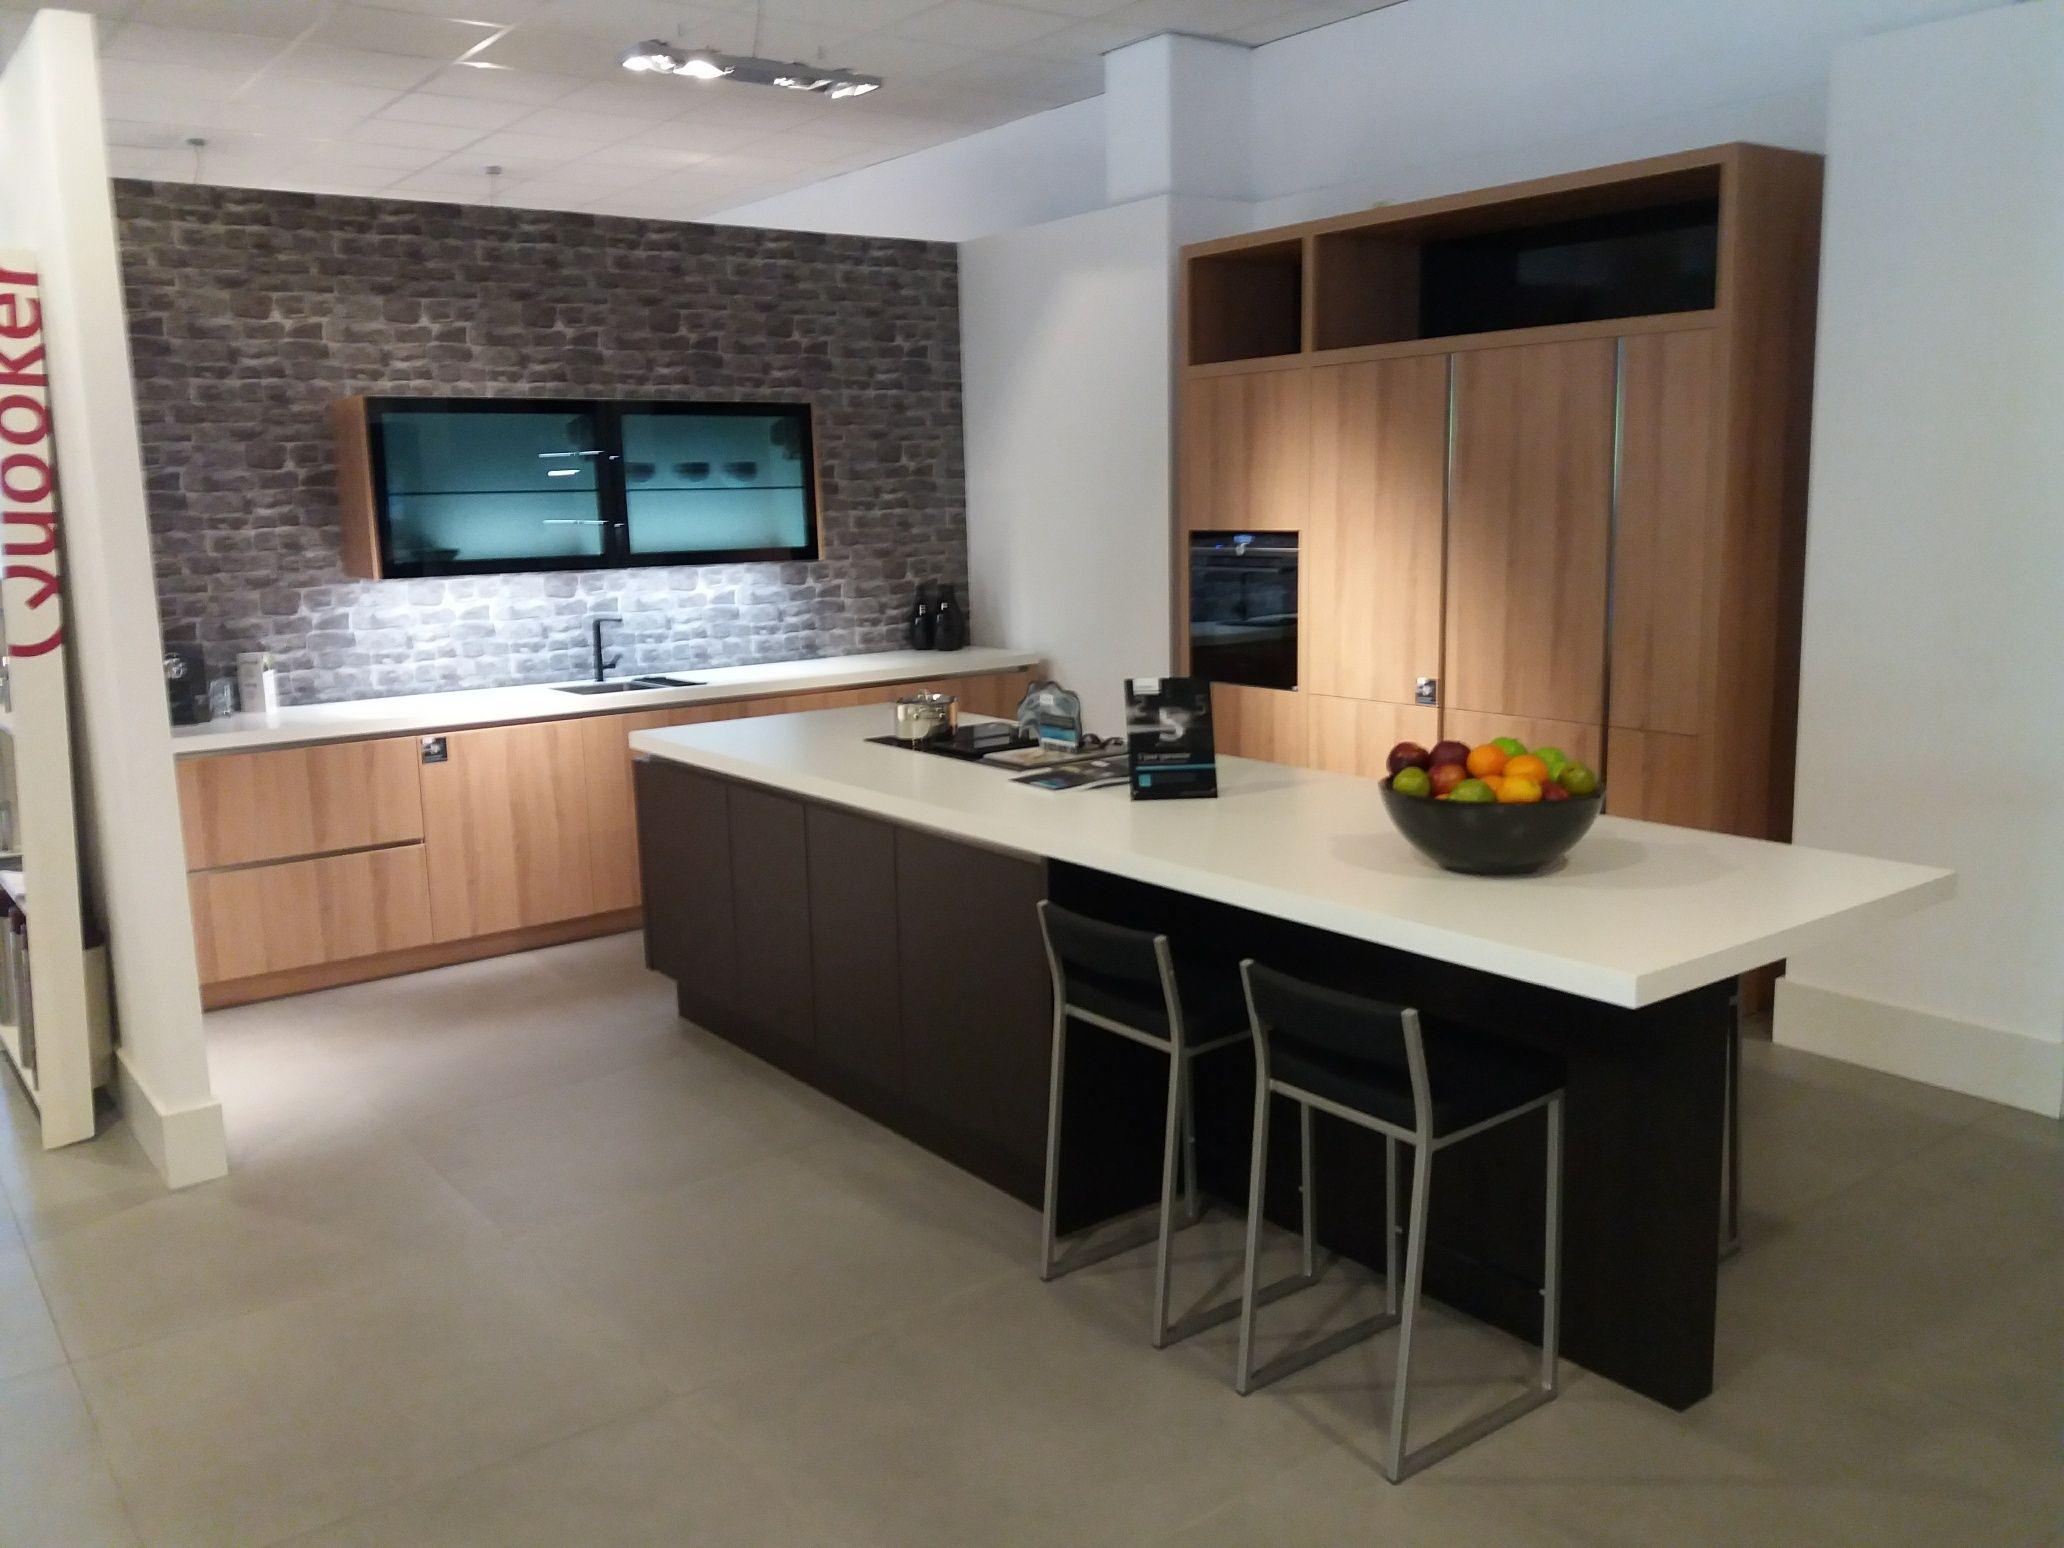 Kookeiland Keuken Houten : Stoere houten keuken met betonnen aanrecht tinello